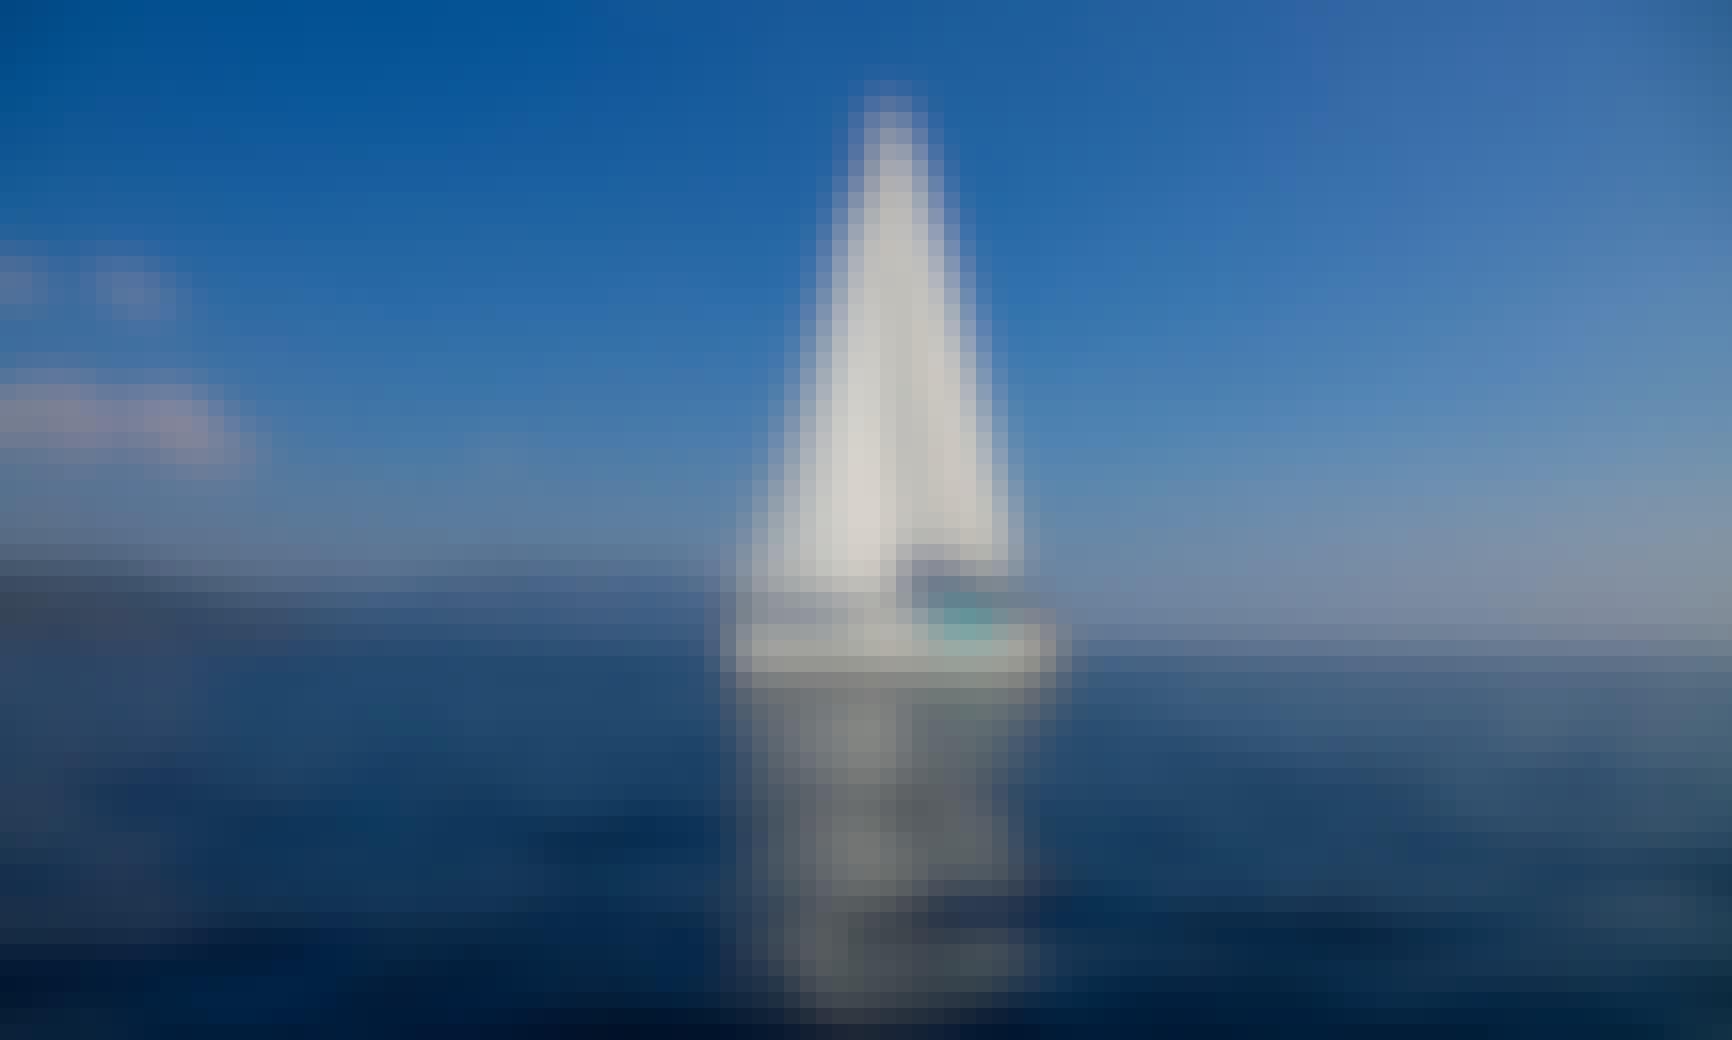 Roualeyn - Beneteau Oceanis 43ft (2005) Yacht Charter in Lefkada, Greece